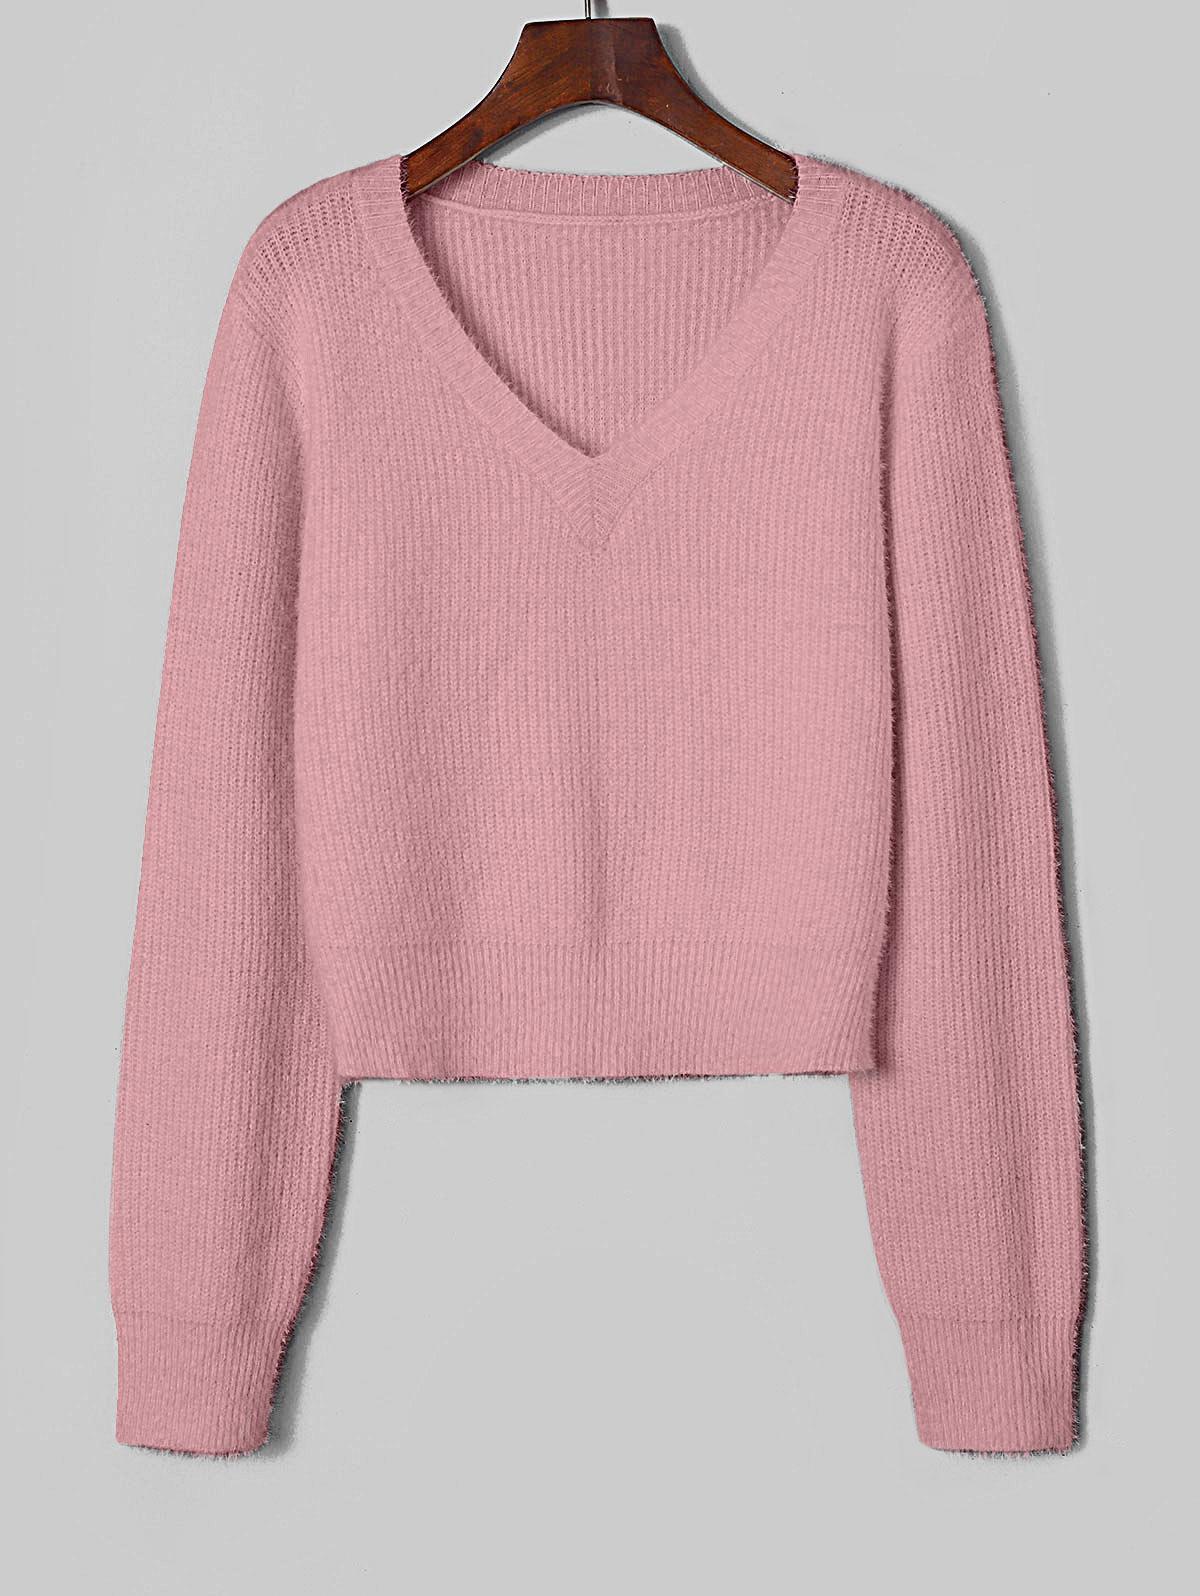 ZAFUL Fuzzy V Neck Fluffy Knit Sweater